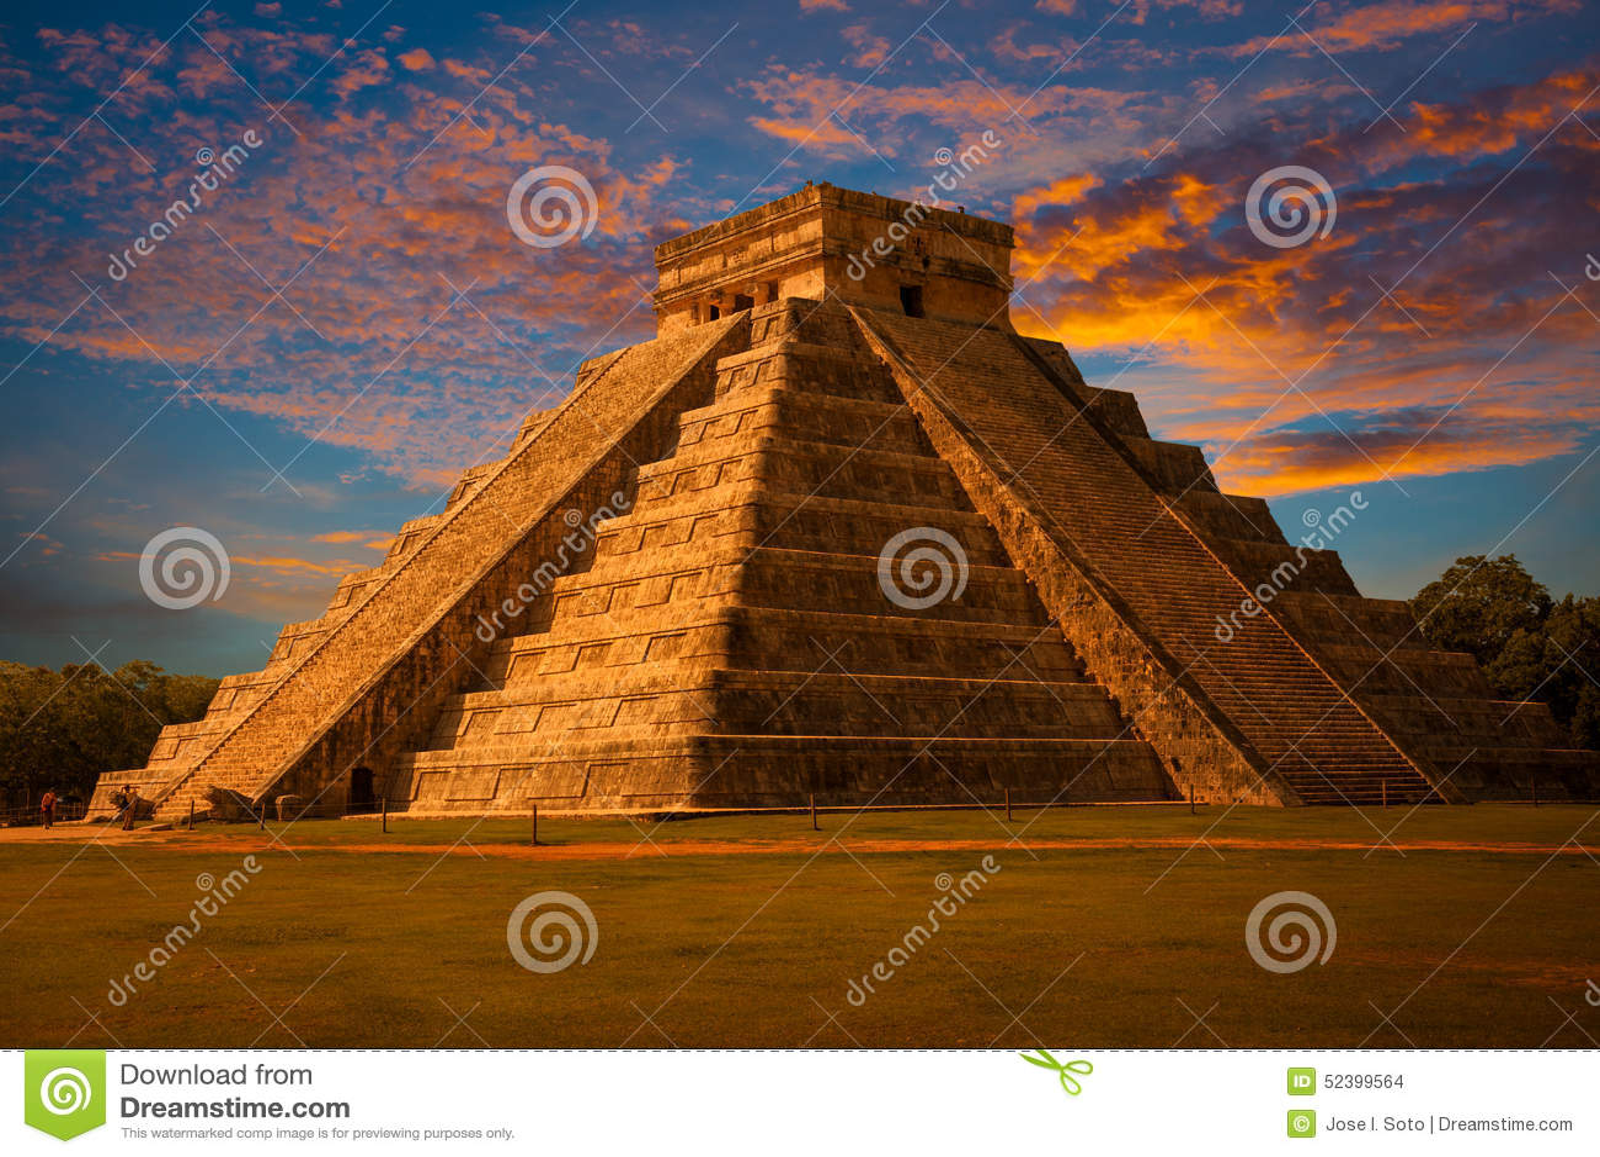 how to make a mayan pyramid